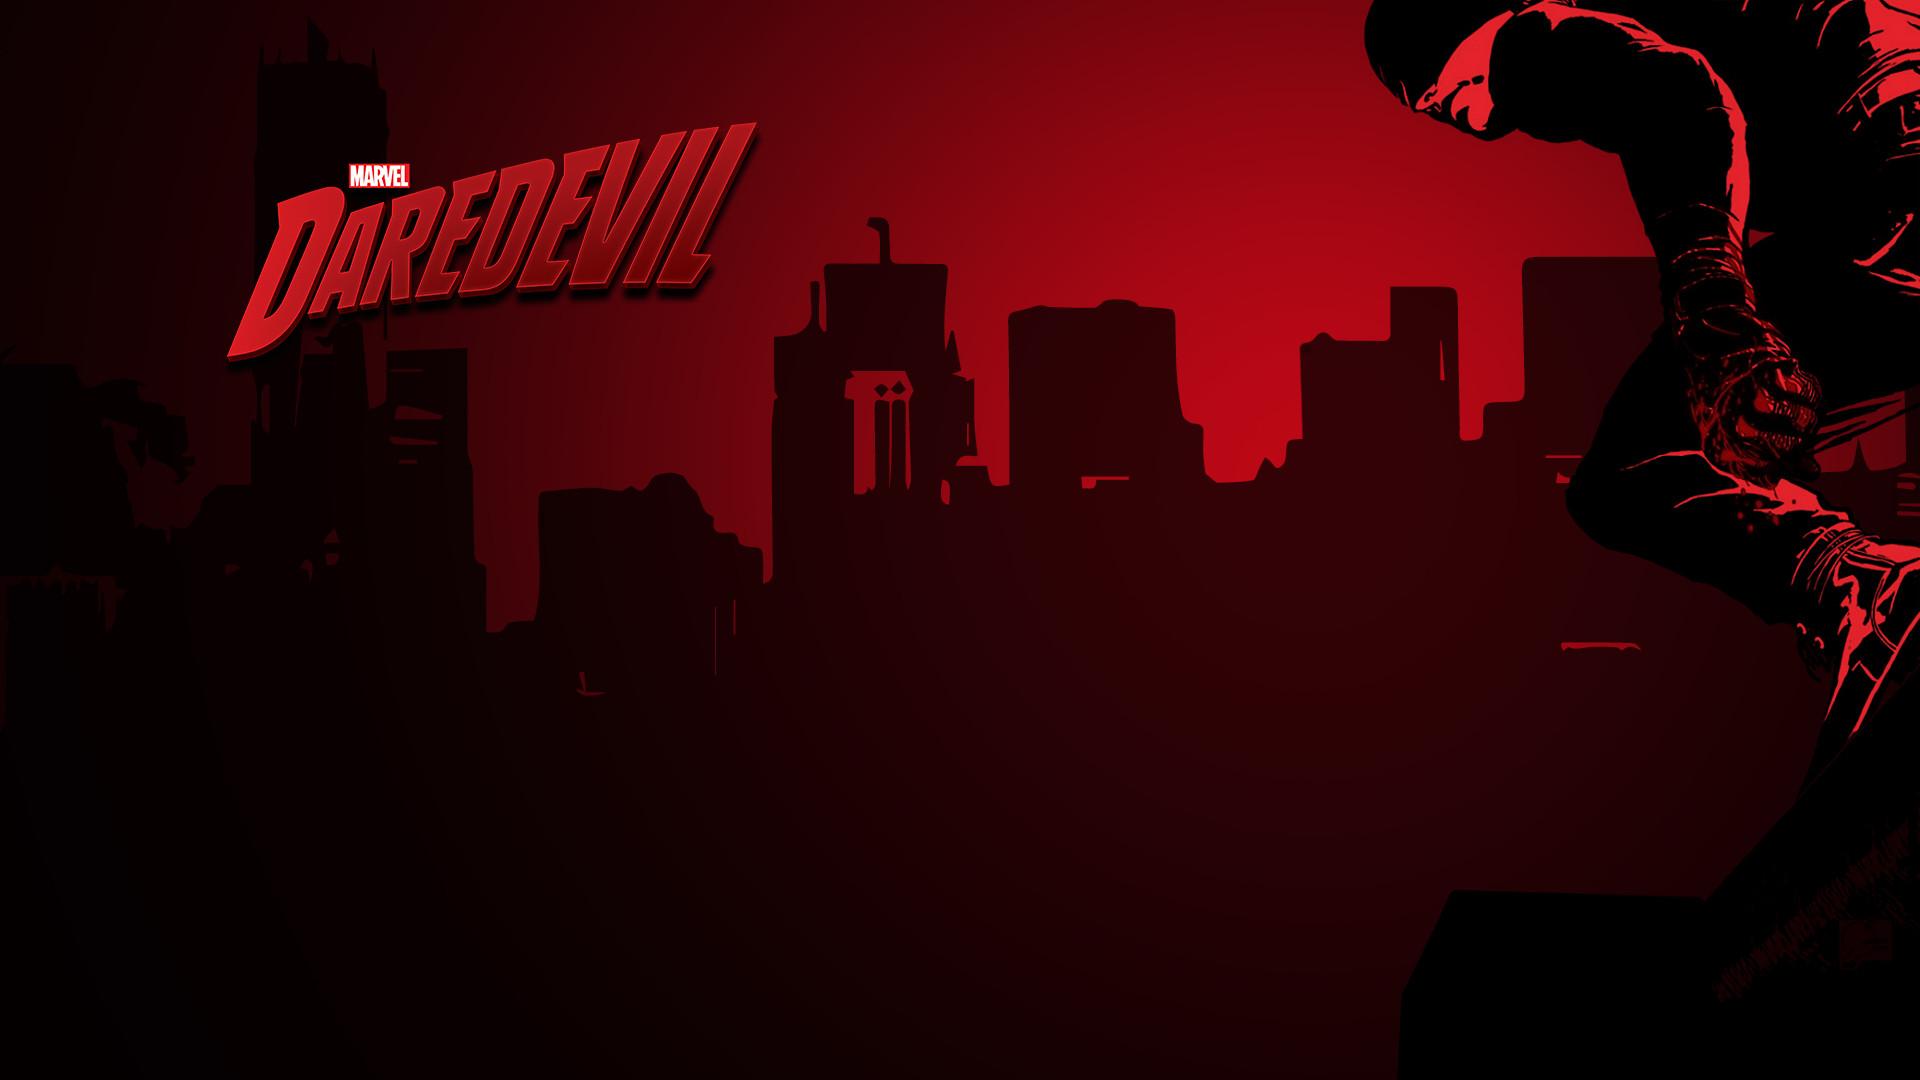 Marvel's Daredevil – put together a nice wallpaper. Enjoy!